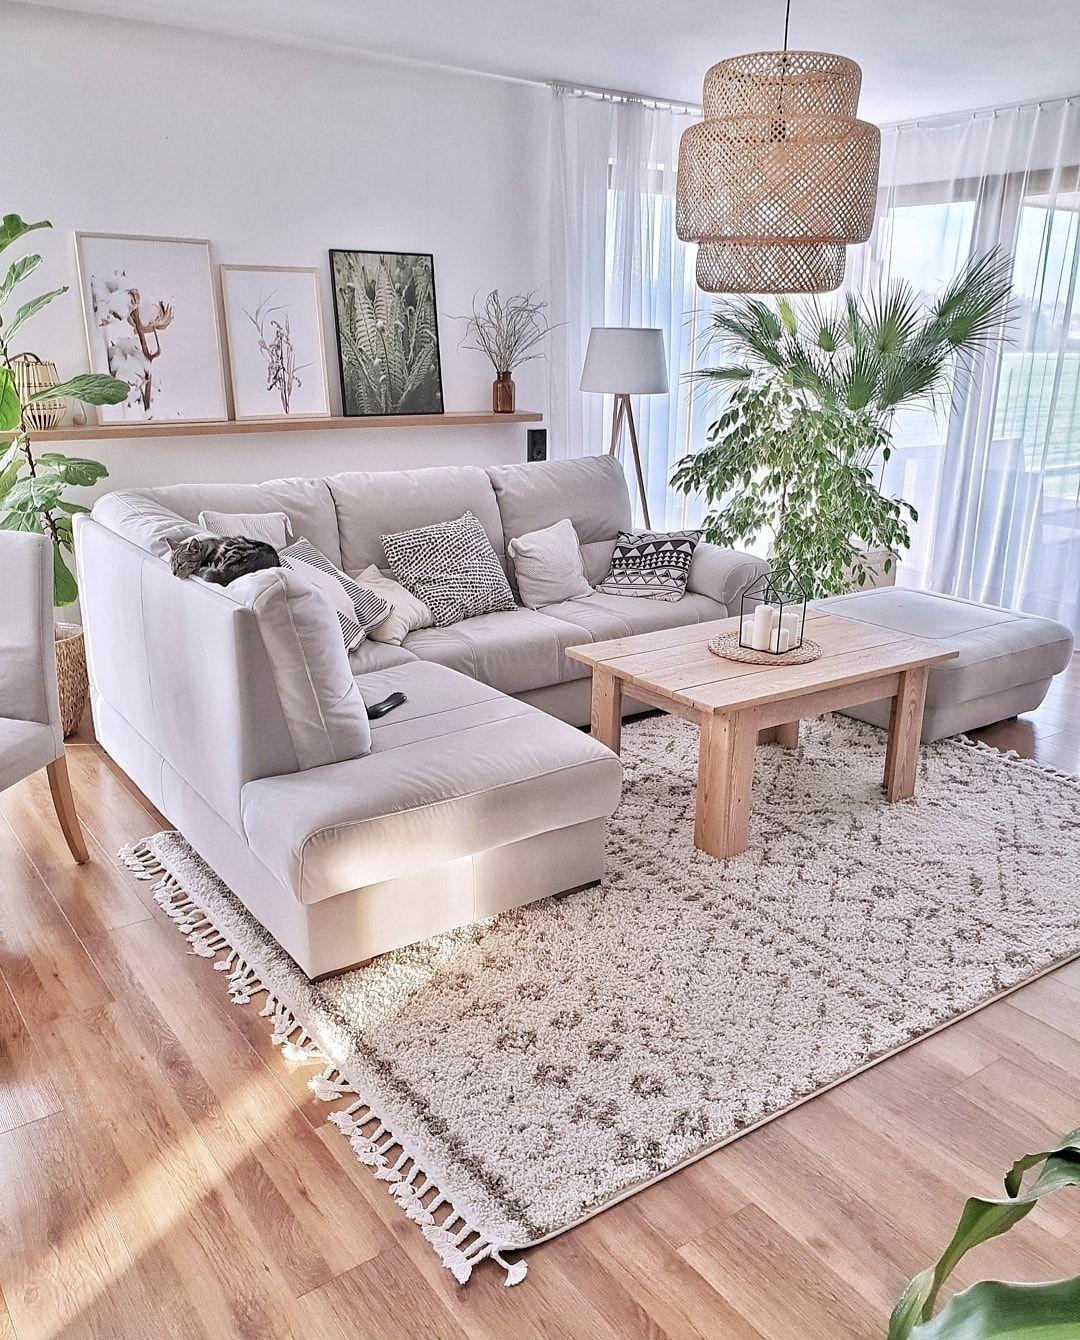 Photo of 999 Ideen für die beste Dekoration im Wohnzimmer #homedecor #livingroomdecor